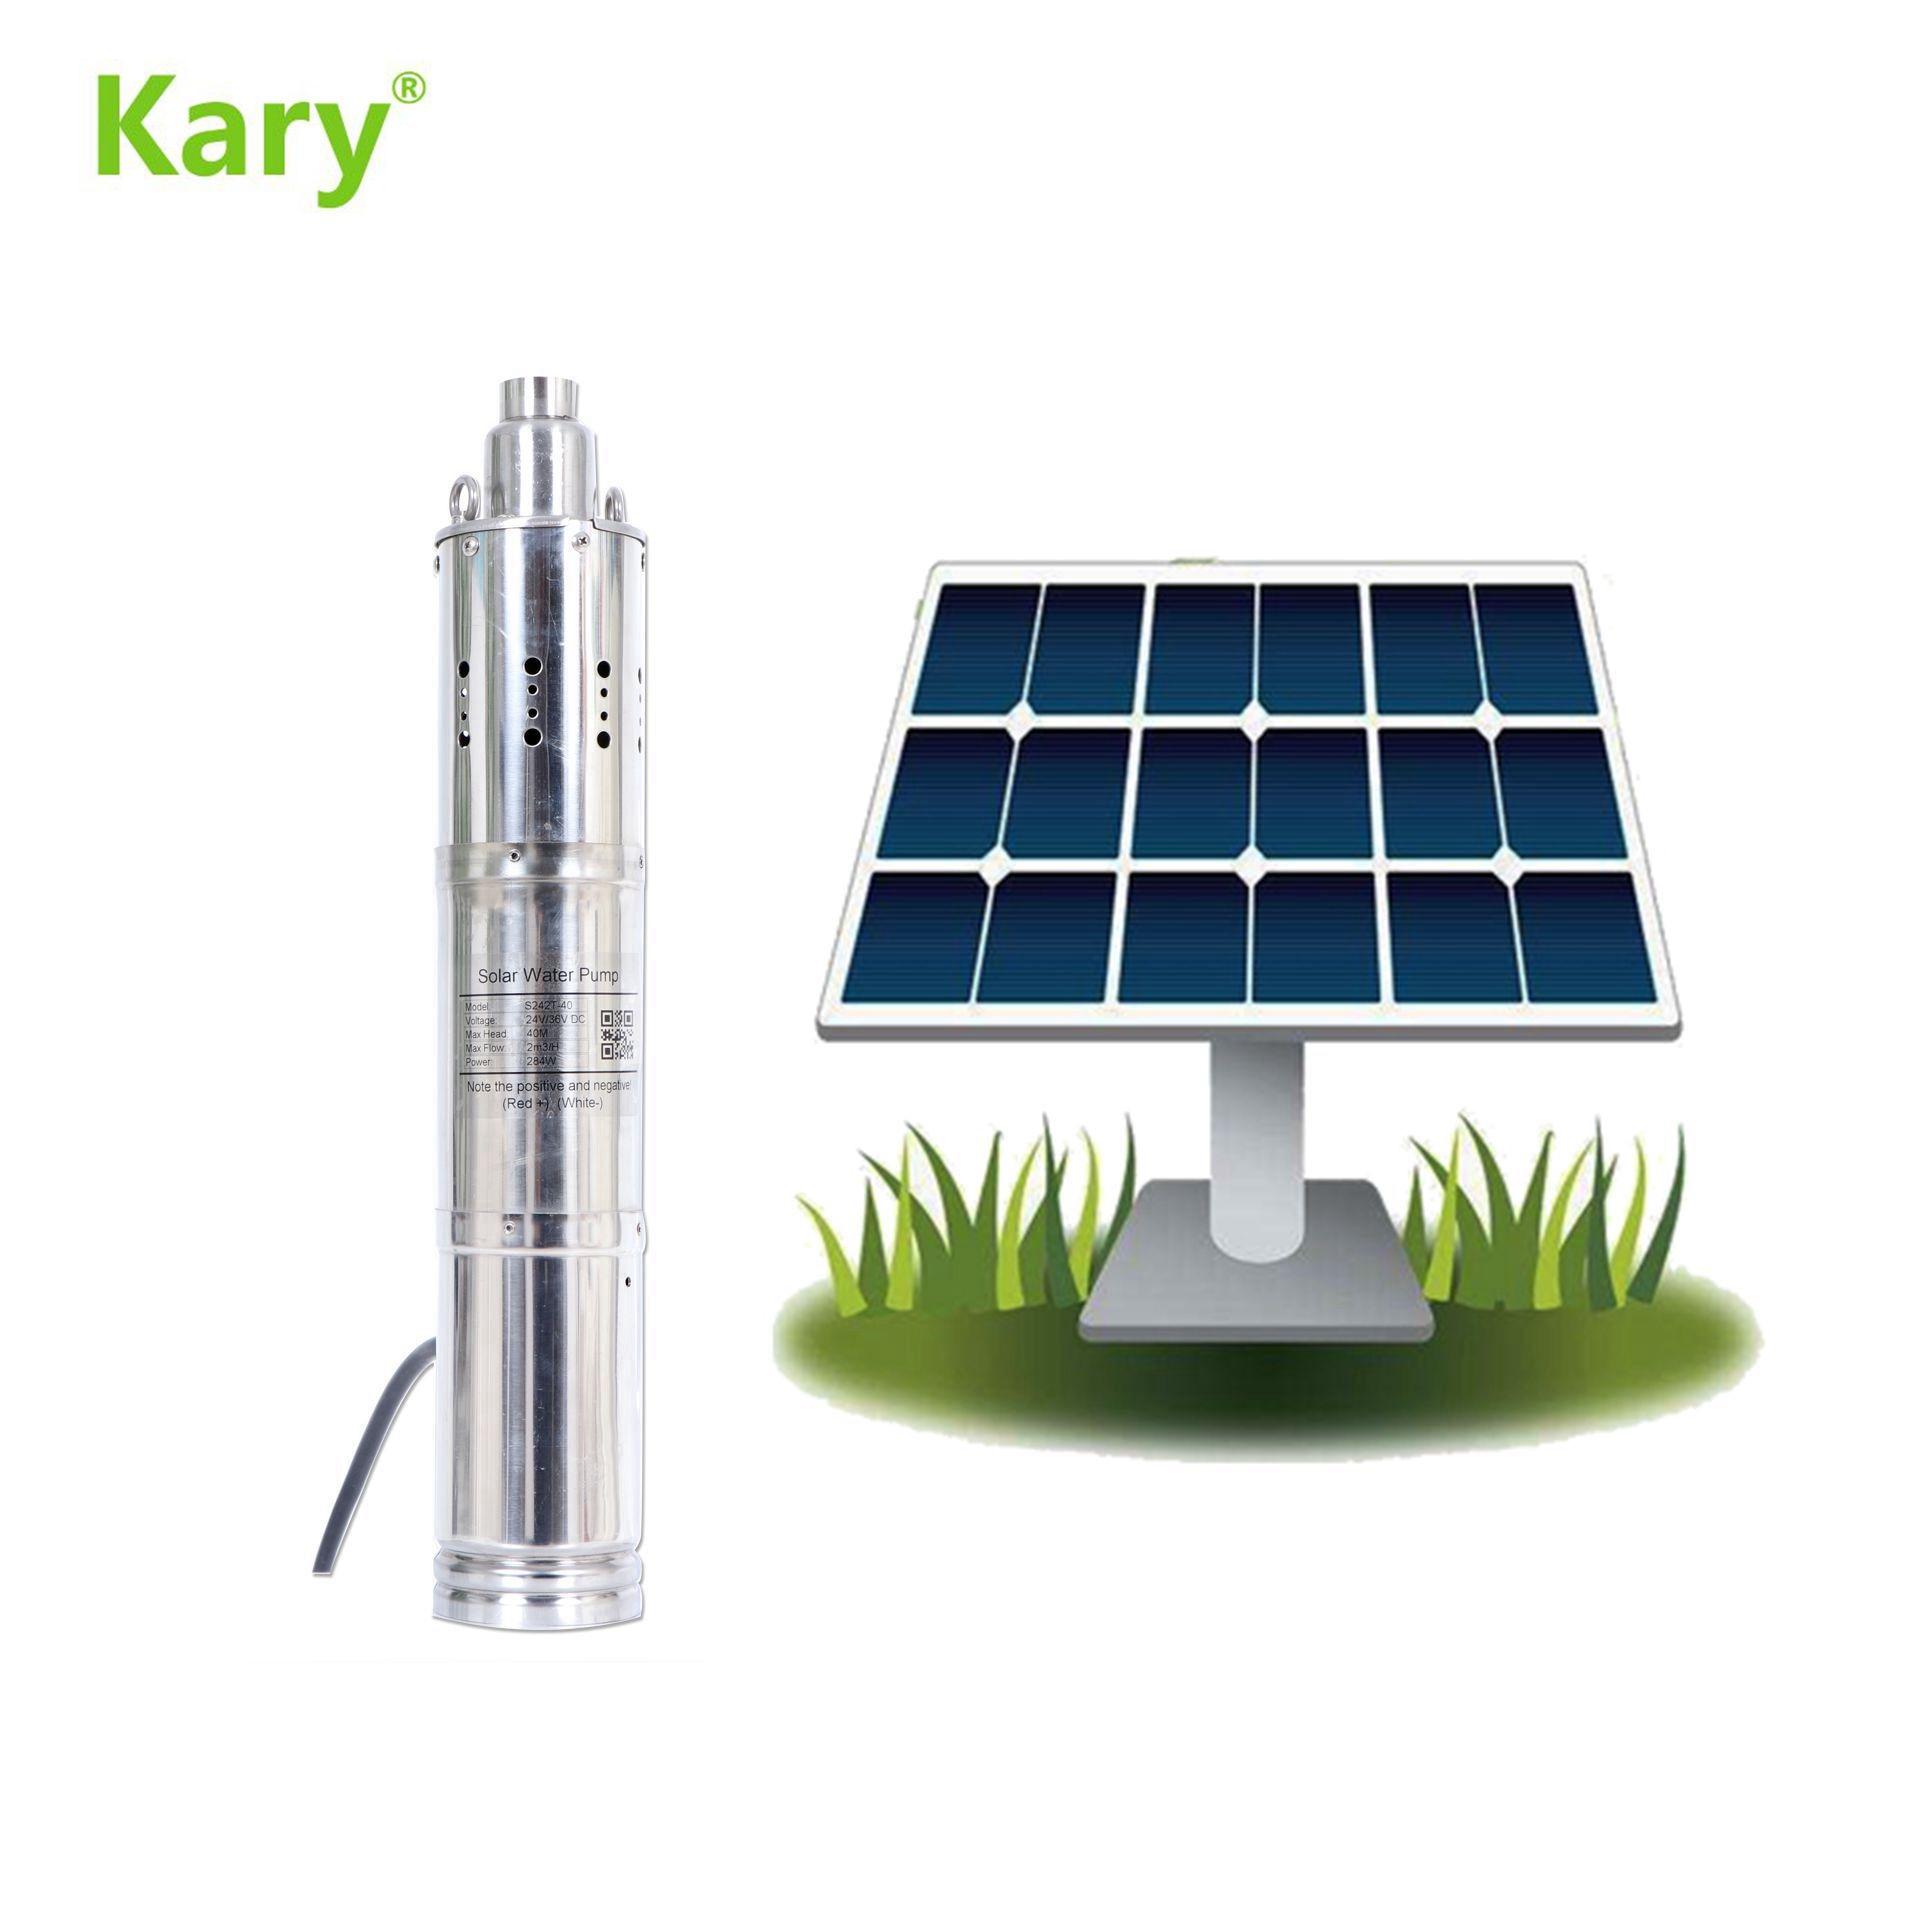 تيار مستمر 24 فولت الطرد المركزي للطاقة الشمسية مضخة قابلة للغمر في المياه ، وارتفاع ضغط آلة ضخ المياه ، 3 بوصة سعر مضخة الآبار العميقة